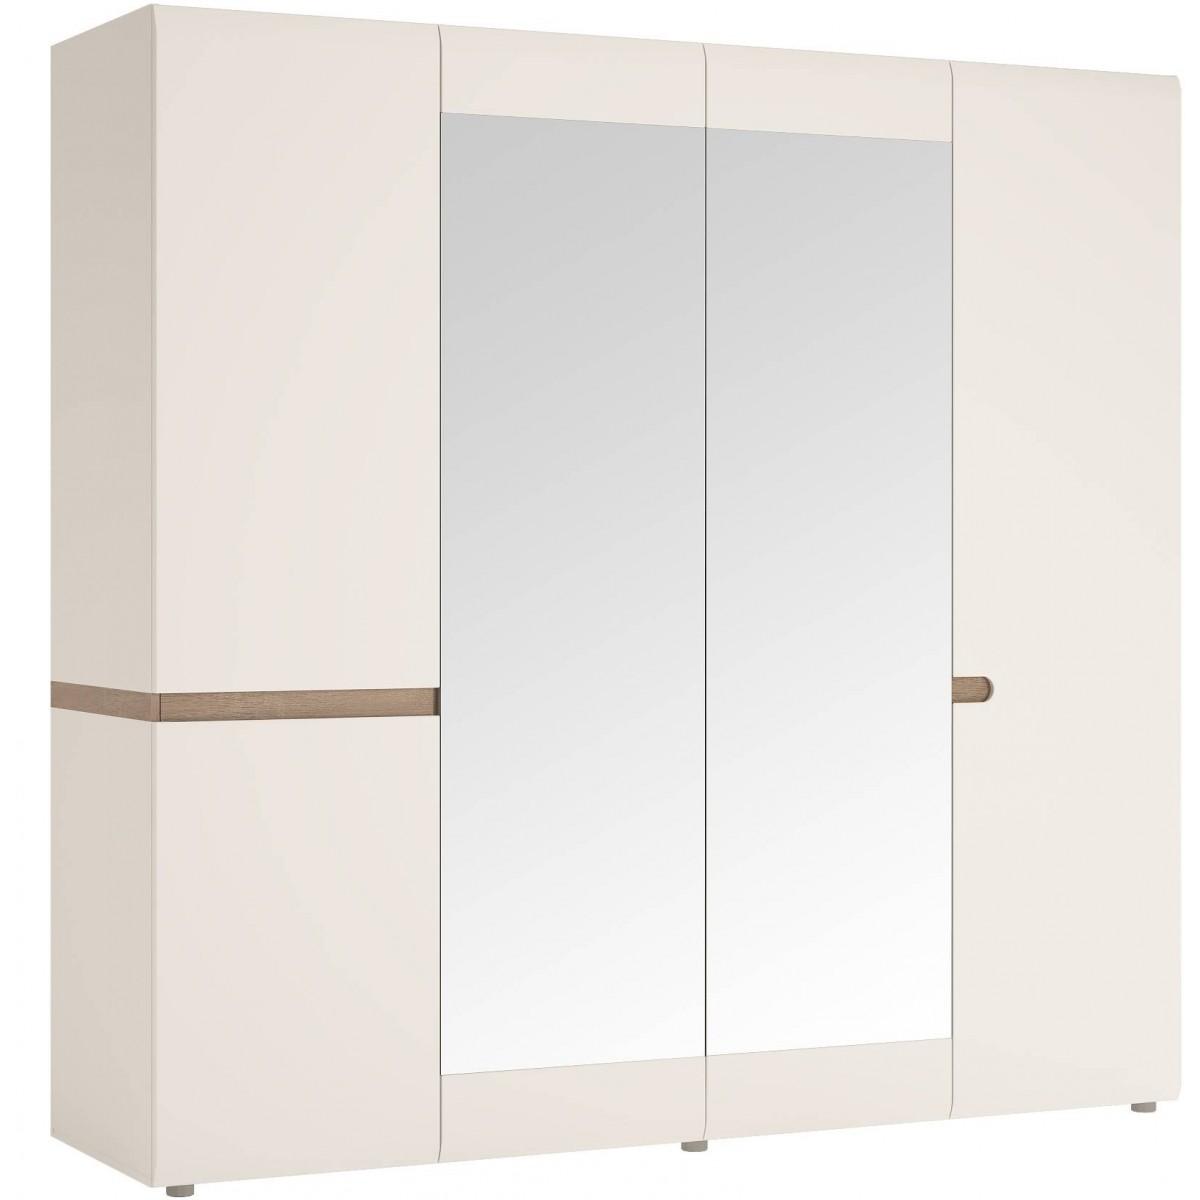 Szafa 4-drzwiowa do sypialni Biały połysk Linate typ 23 Meble Wójcik